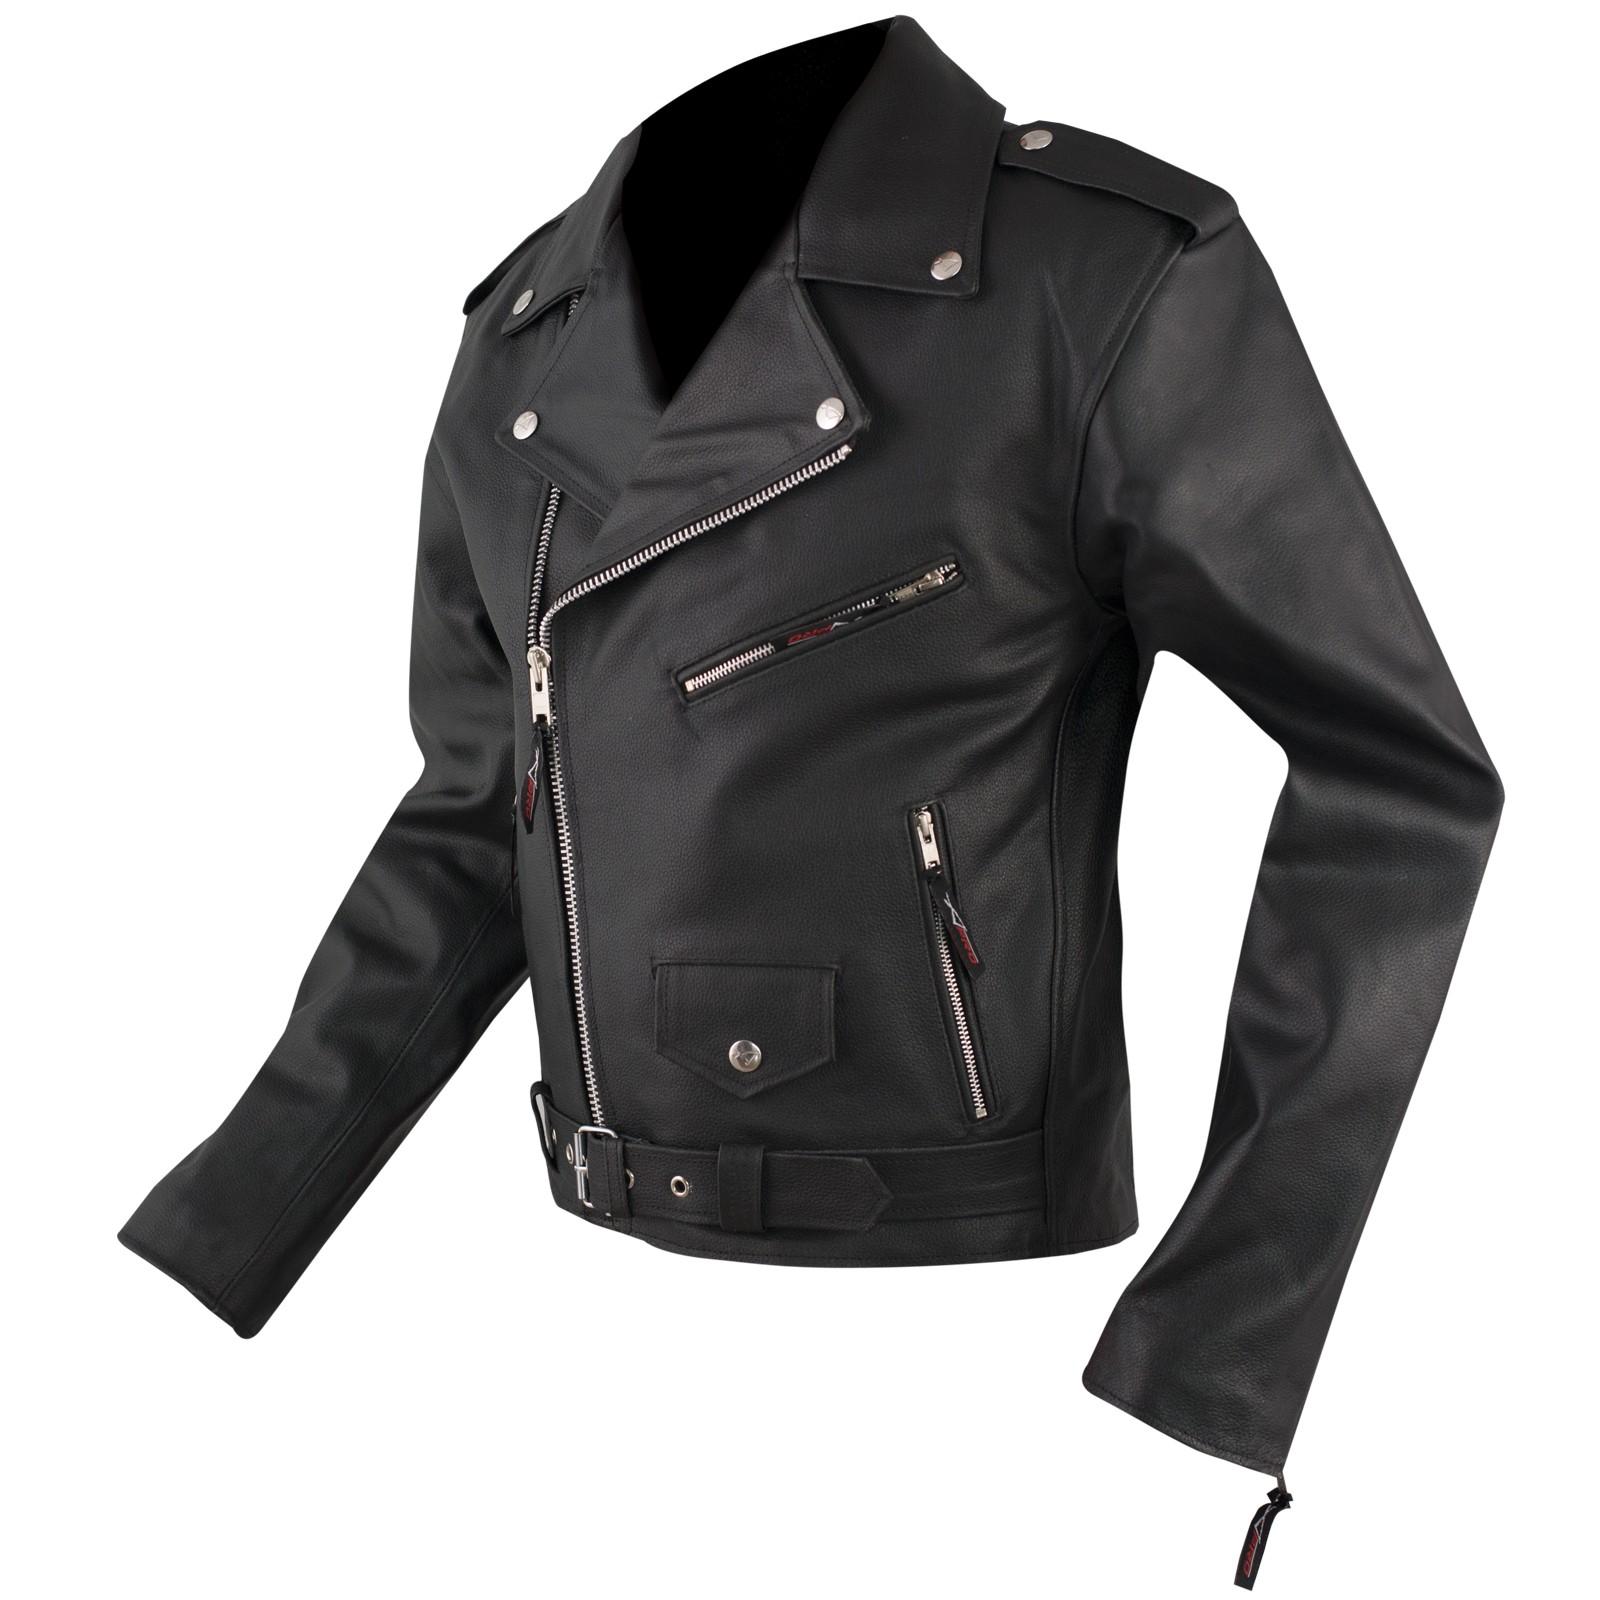 Abbigliamento moto e accessori giacca pelle chiodo uomo for Interno 09 abbigliamento